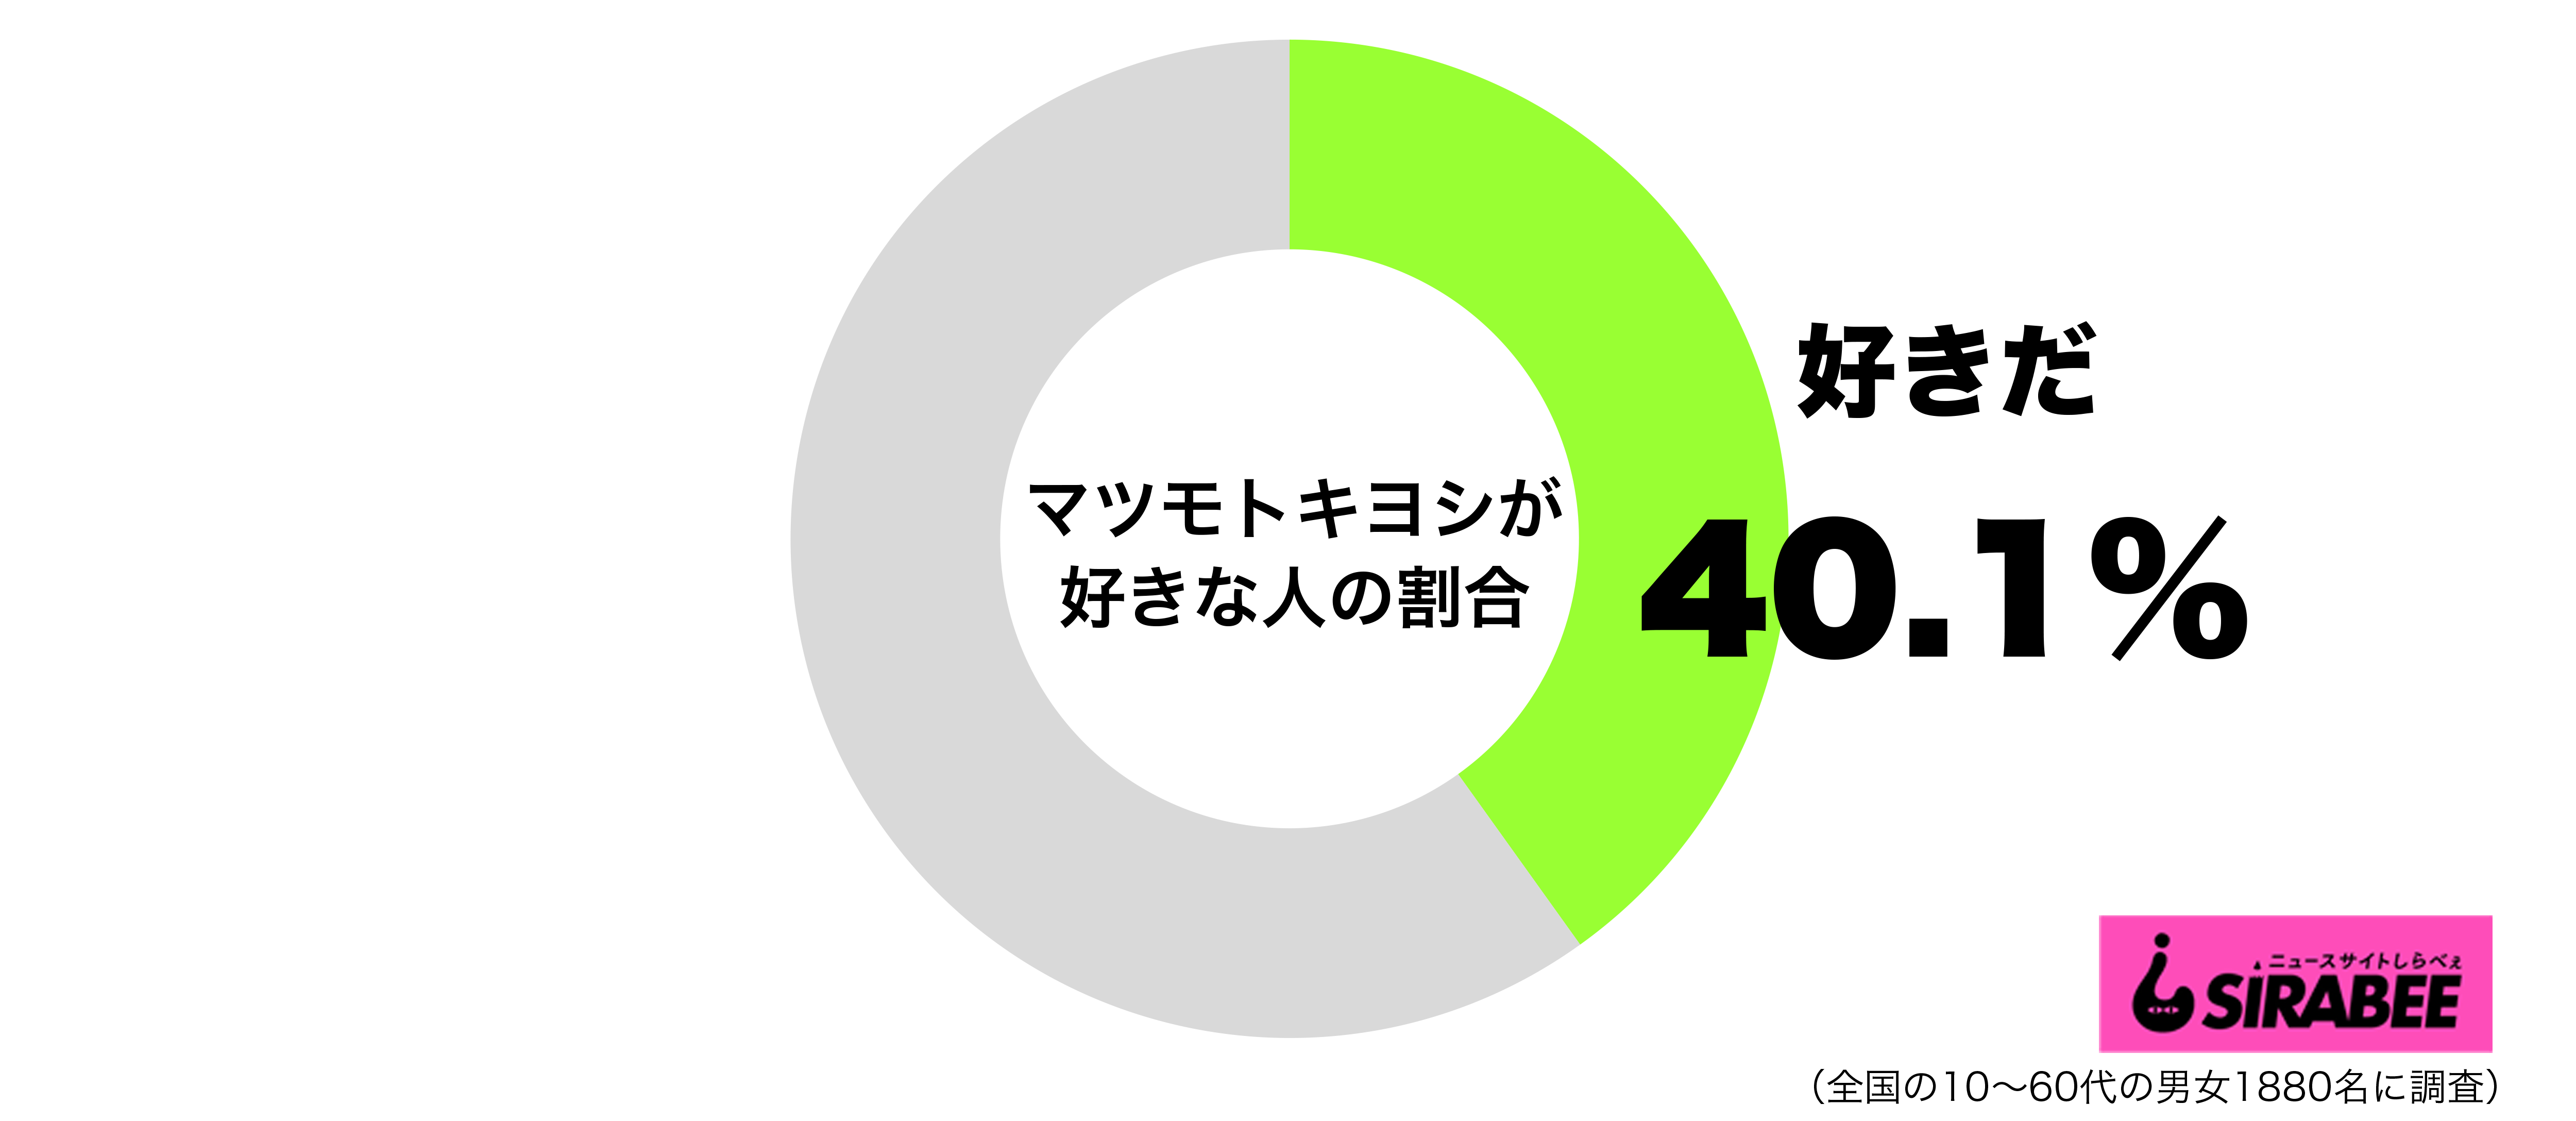 マツモトキヨシが好きグラフ